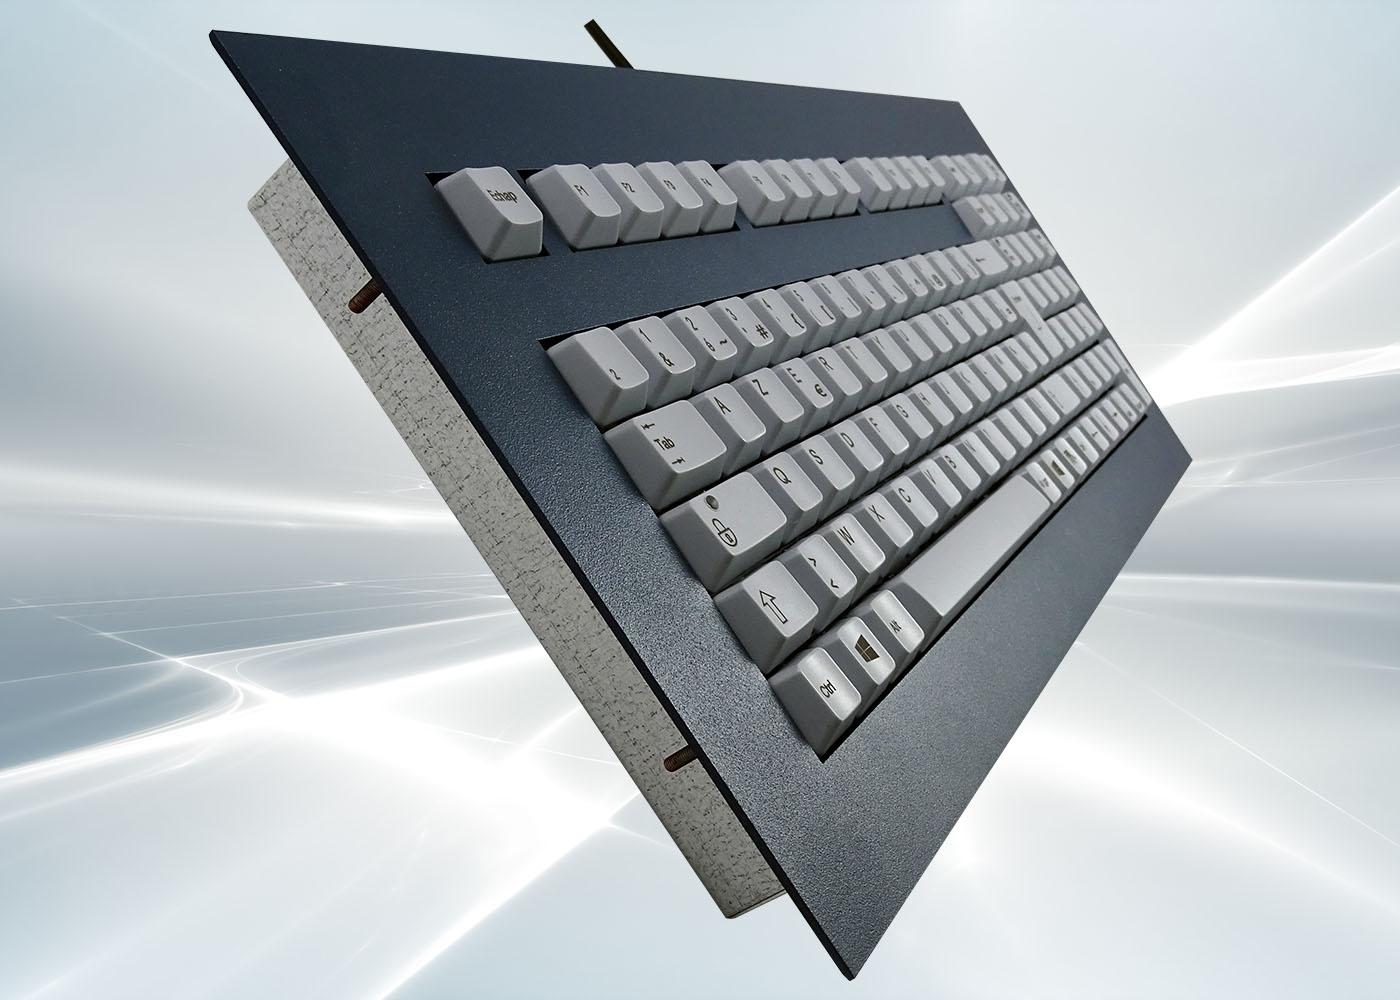 Clavier 105 touches ergonomique haute fiabilité intégrable en panneau par l'avant – détail perspective